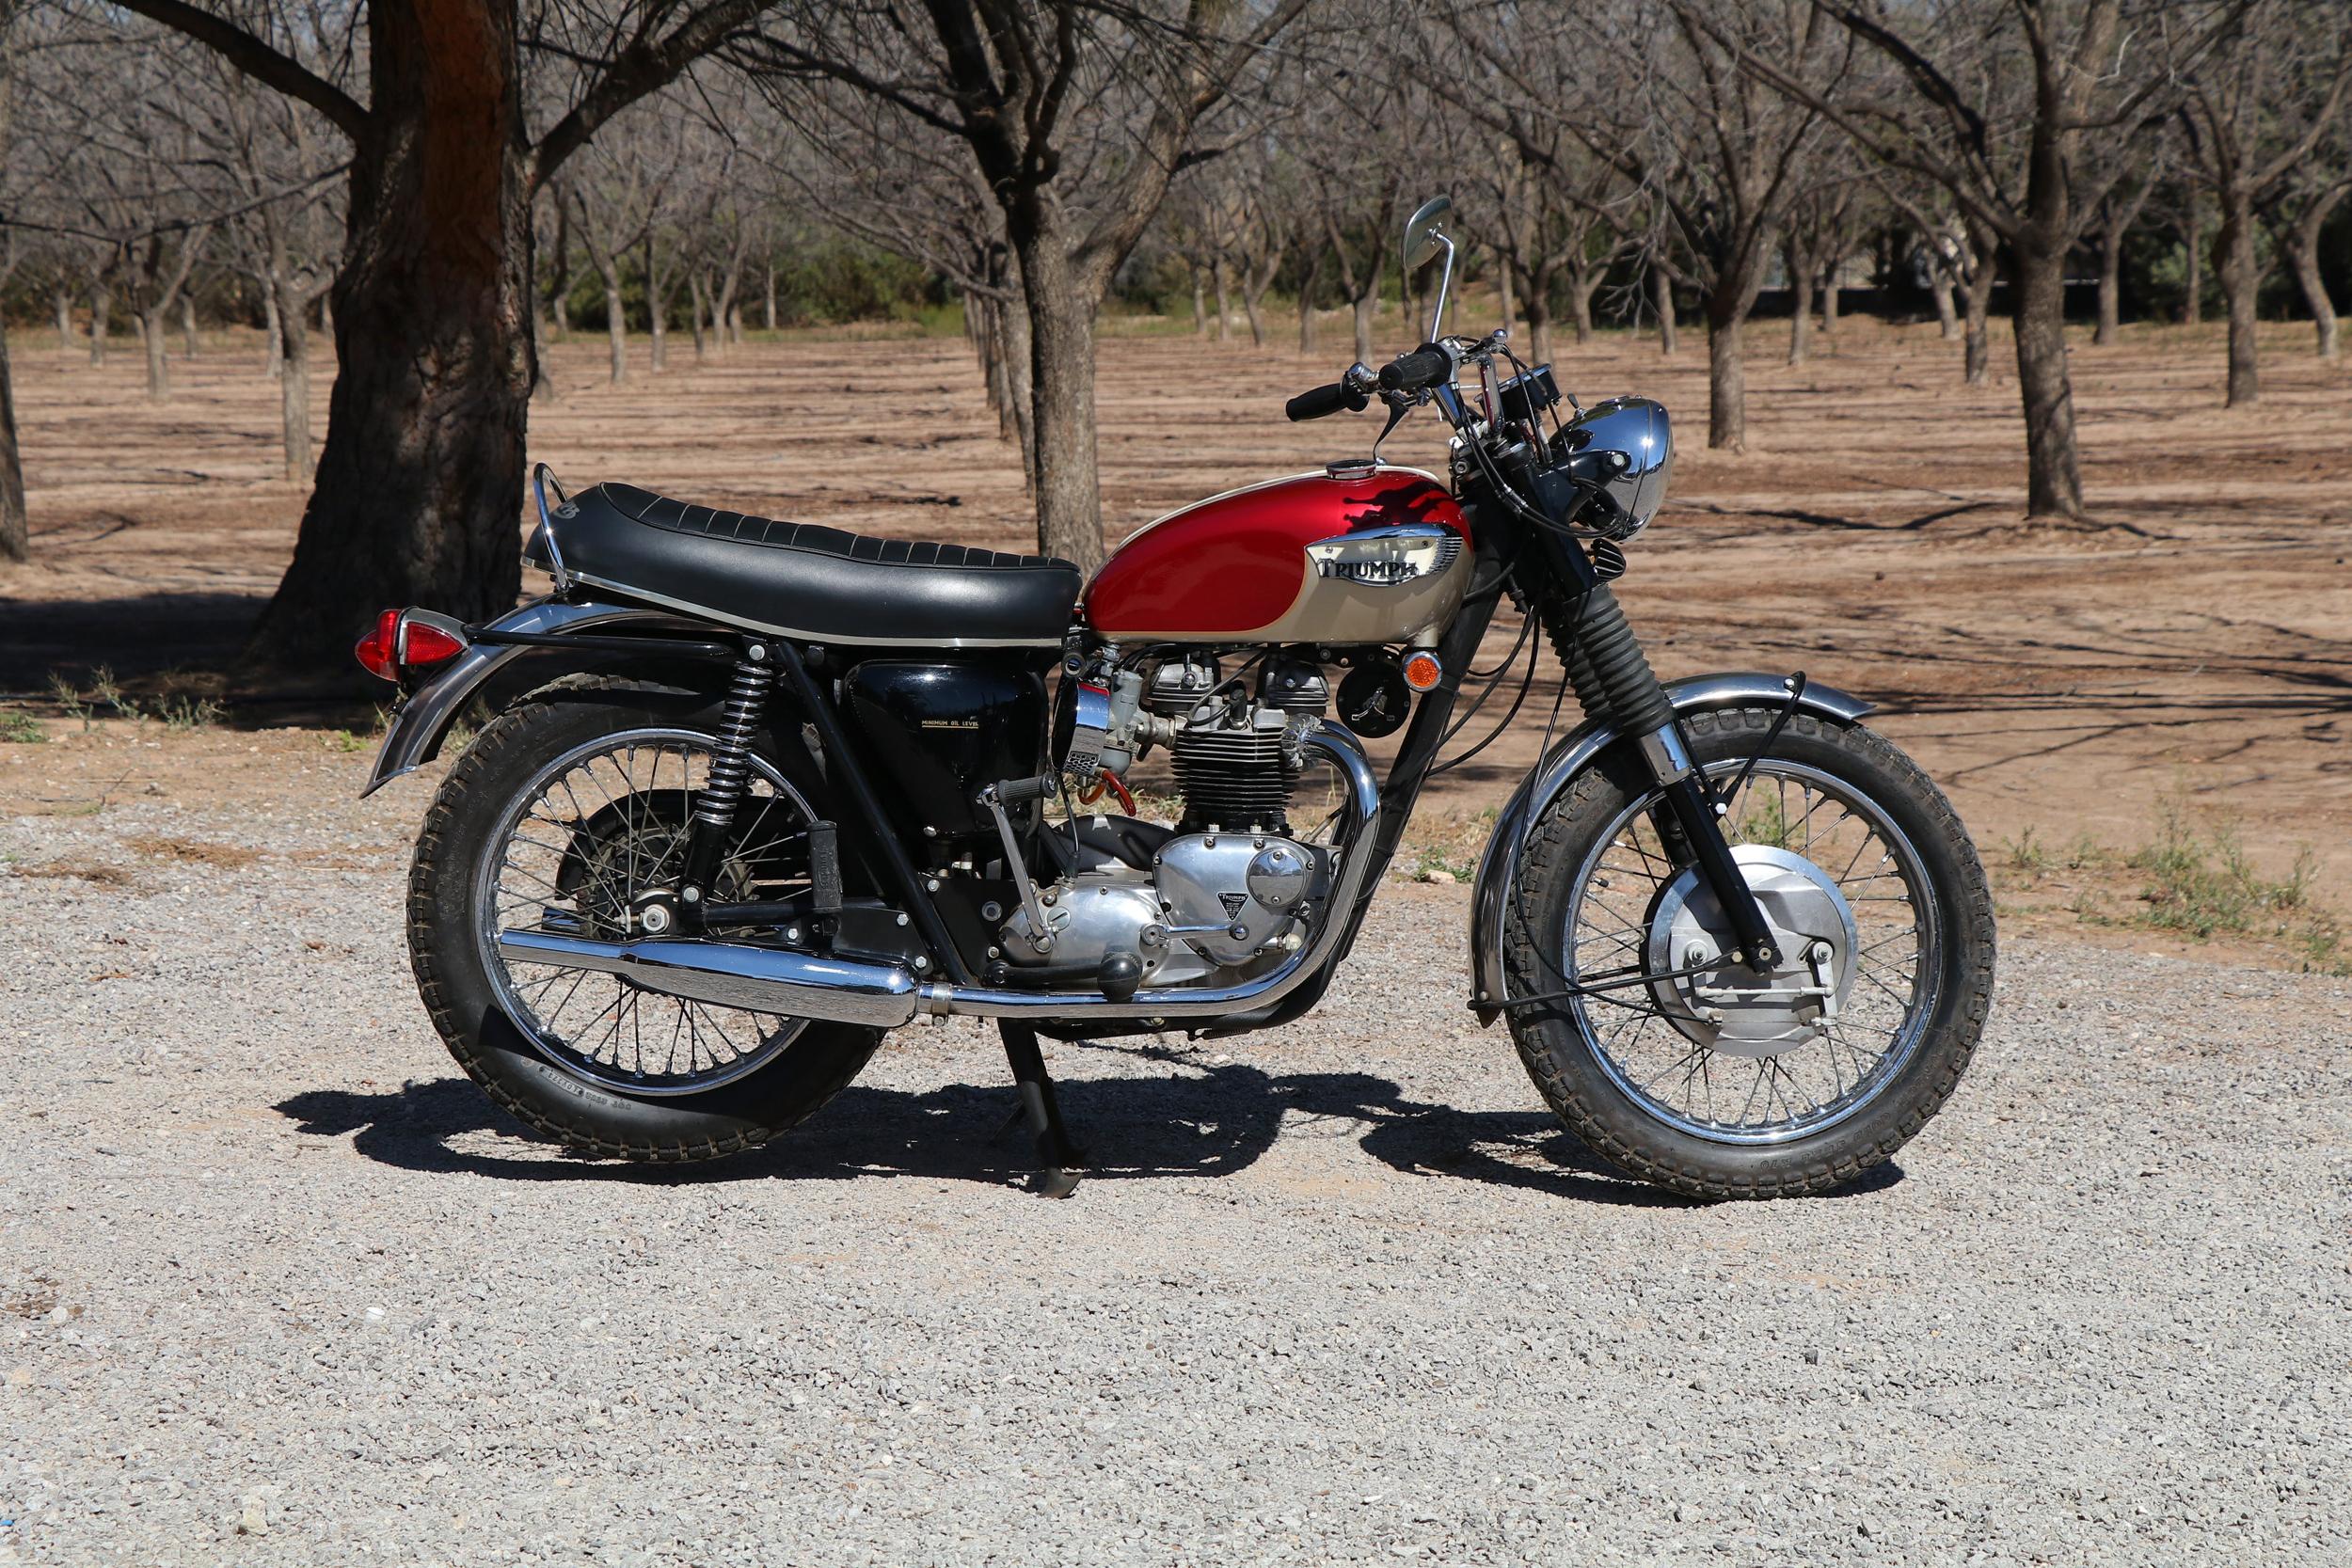 1968 Triumph Bonneville 650cc 4-Speed (Lot T266) - Mecum Auctions Houston